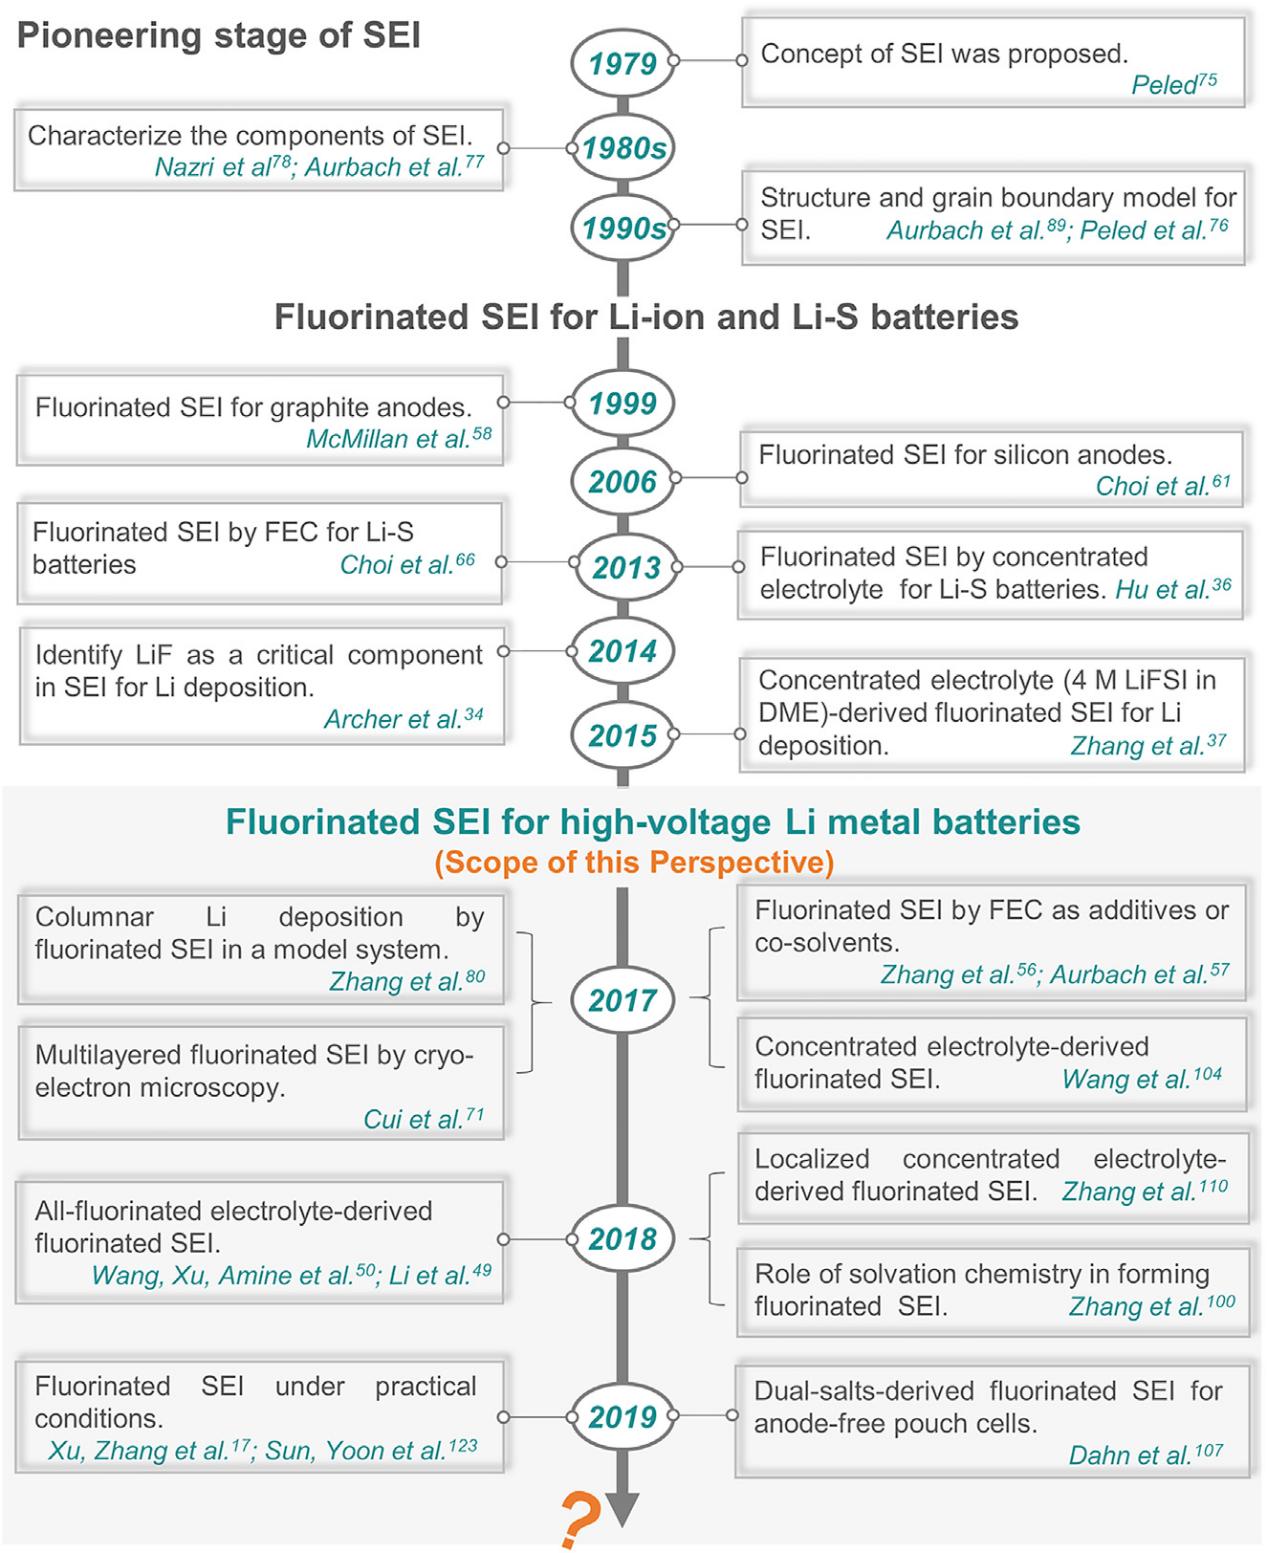 清华大学张强教授综述:高压锂金属电池的氟化固态电解质界面